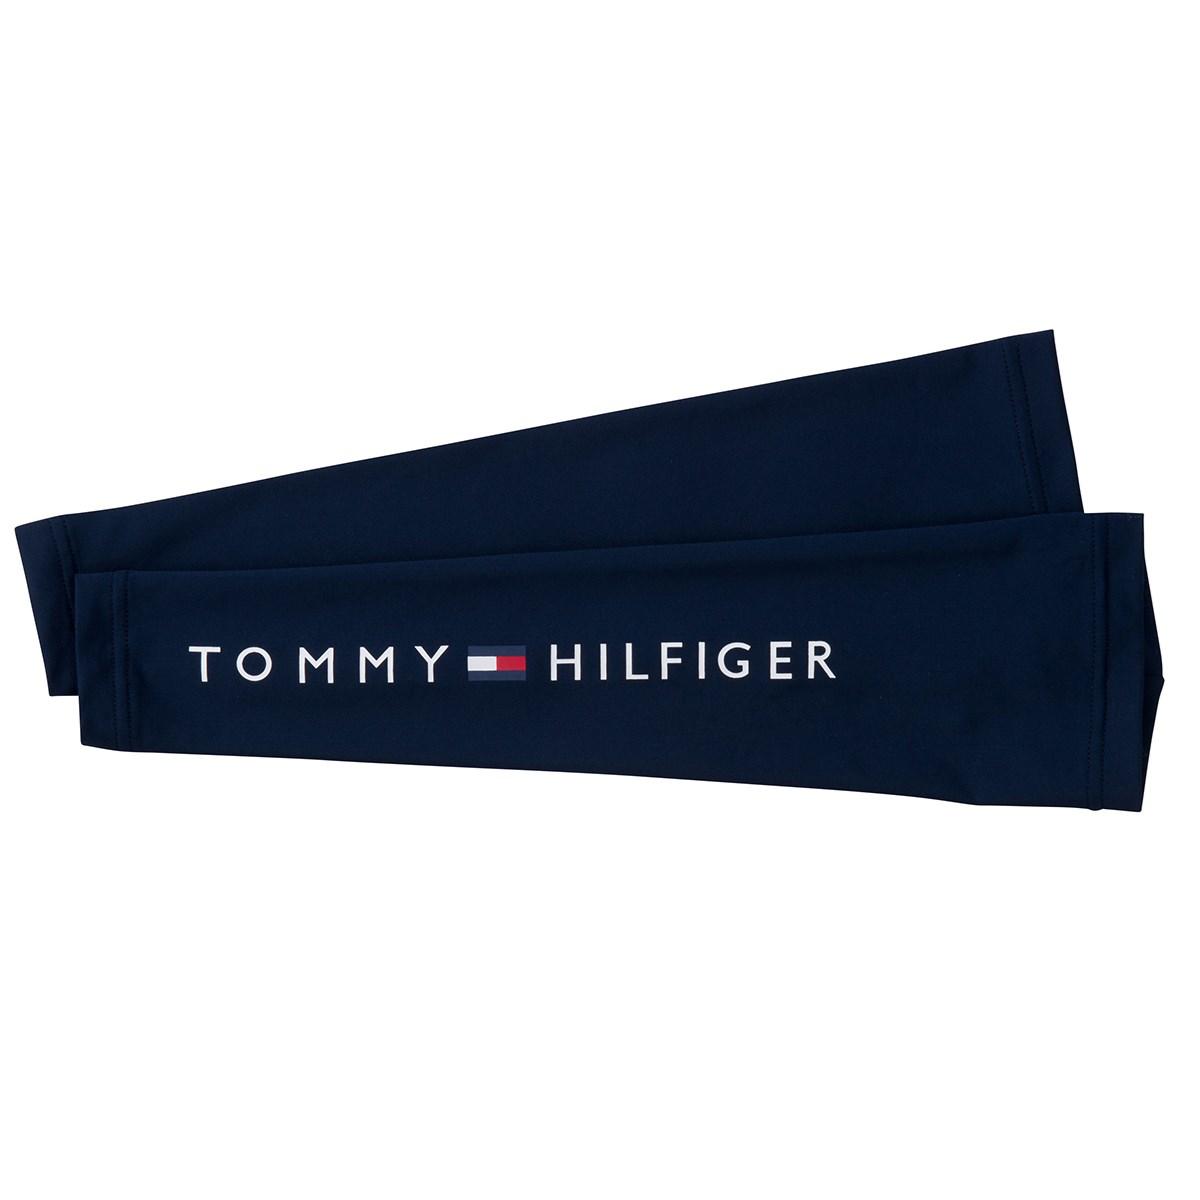 トミーヒルフィガー(Tommy Hilfiger) サンガード